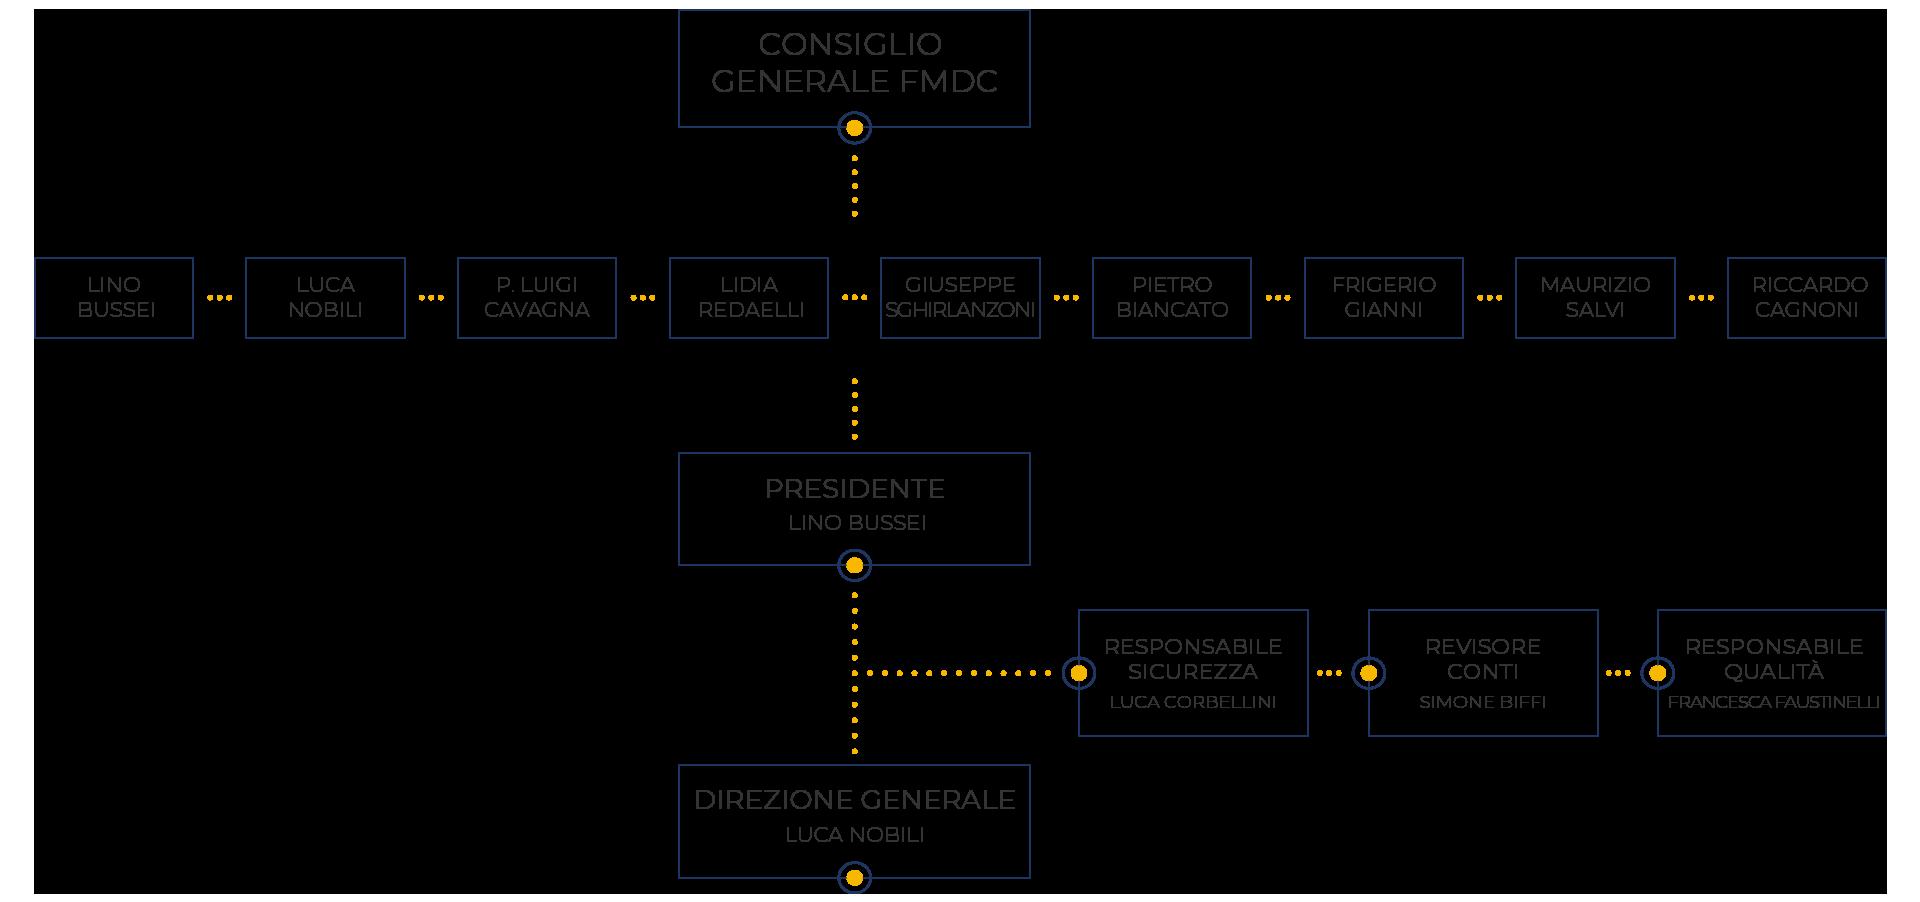 ORGANIGRAMMA FMDC